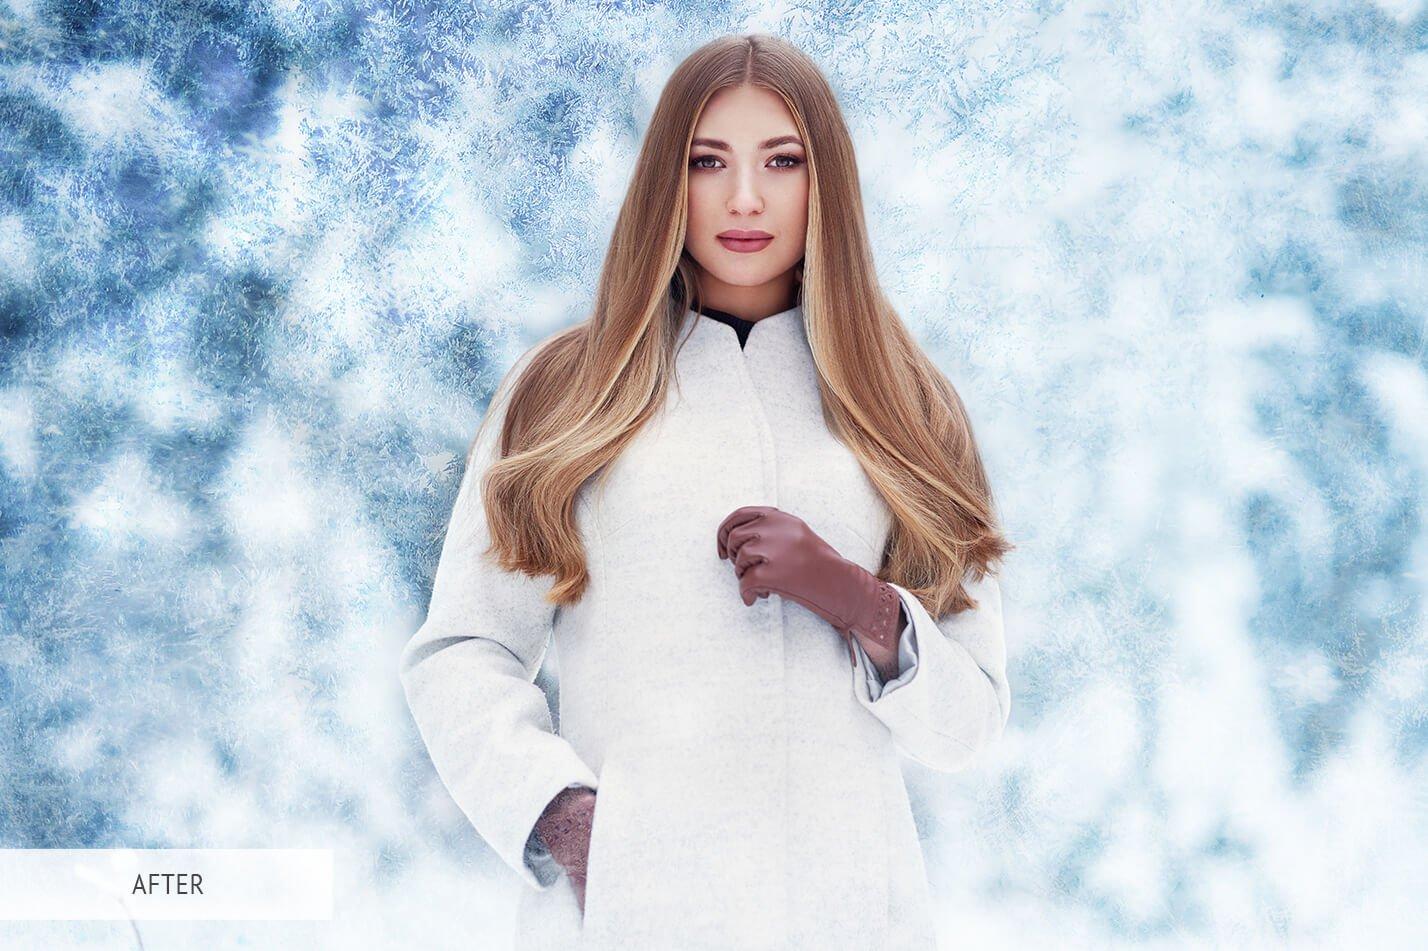 30款高清冬季冰雪PS叠加层背景图片素材 Ice Photoshop Overlays插图(4)